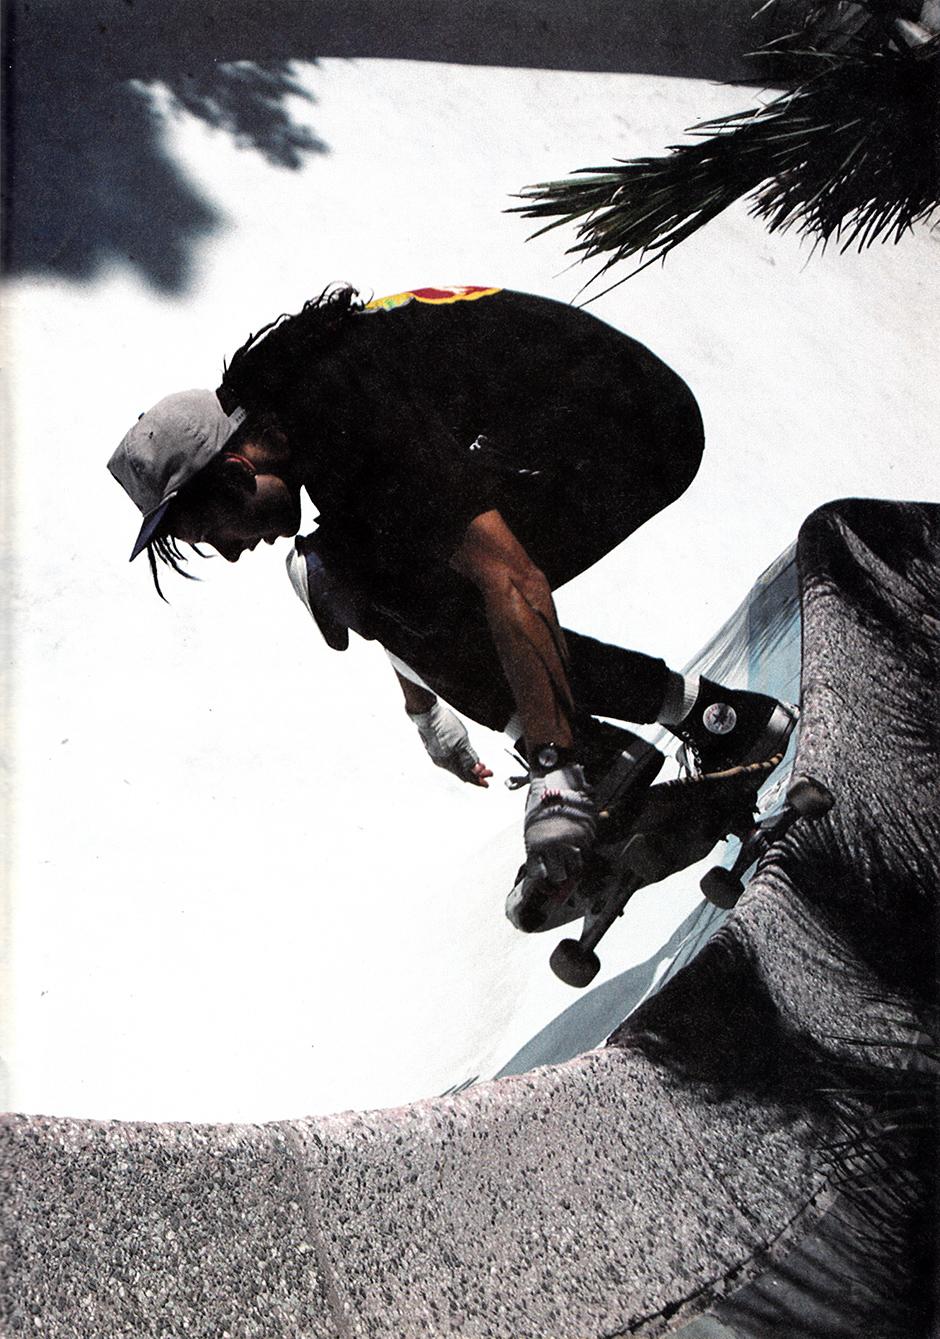 Tony Alva in the ghost bowl in 1988. Photo: Steve Kane